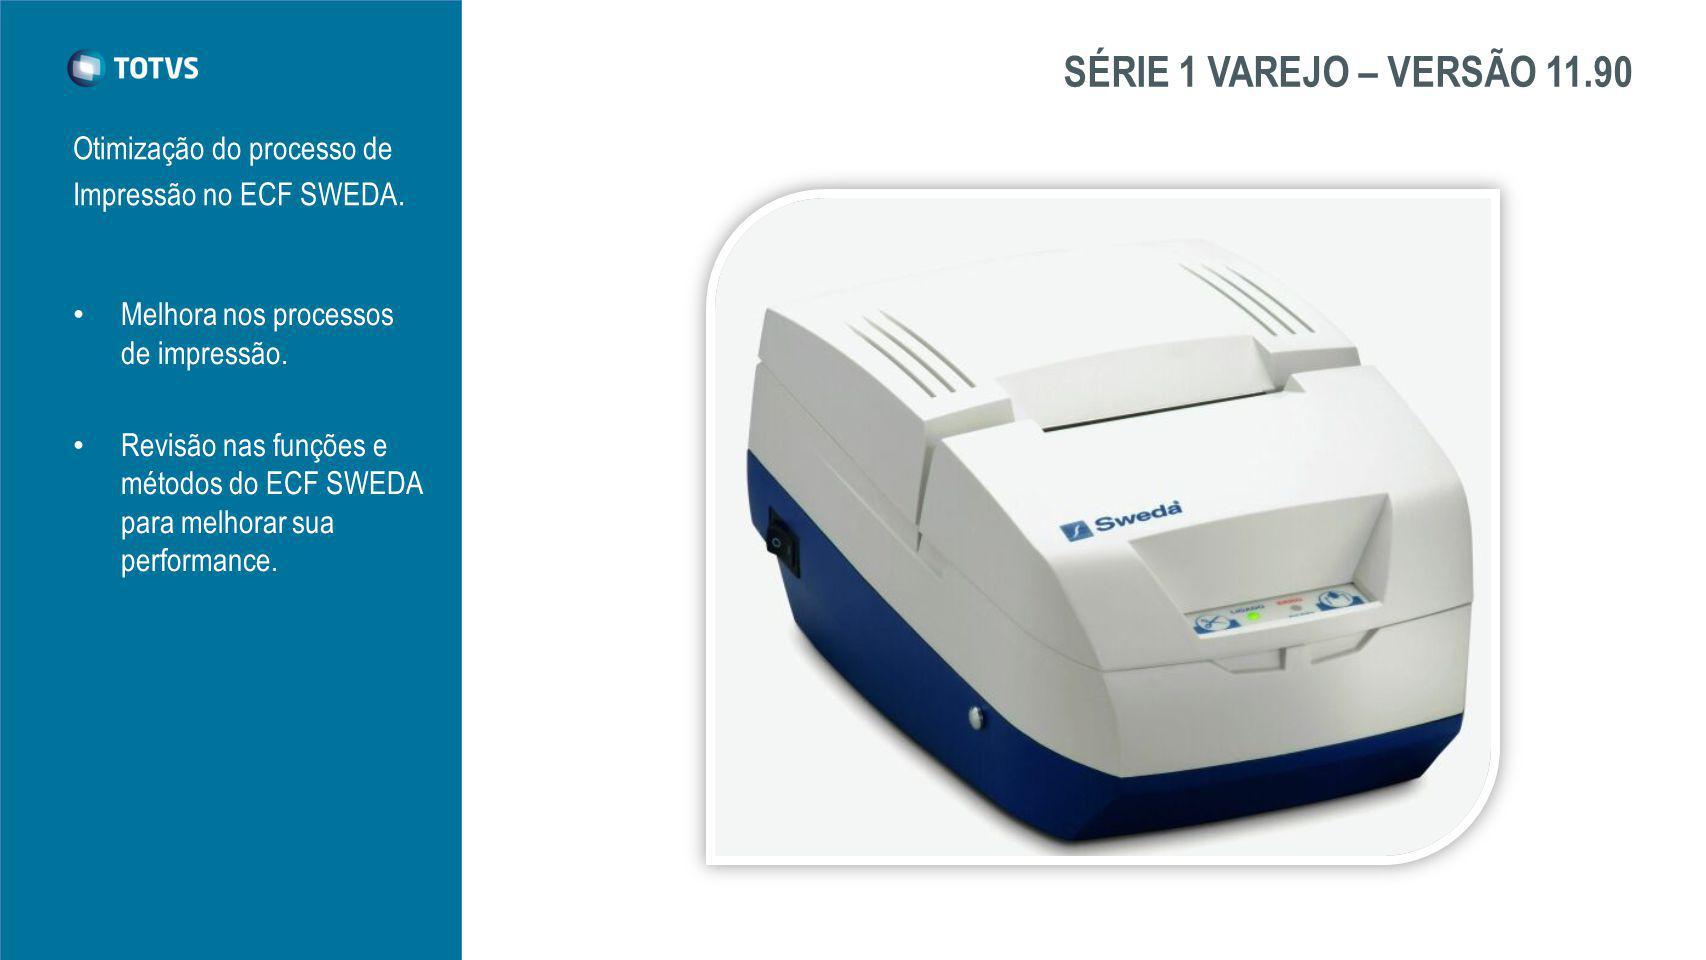 SÉRIE 1 VAREJO – VERSÃO 11.90 Otimização do processo de